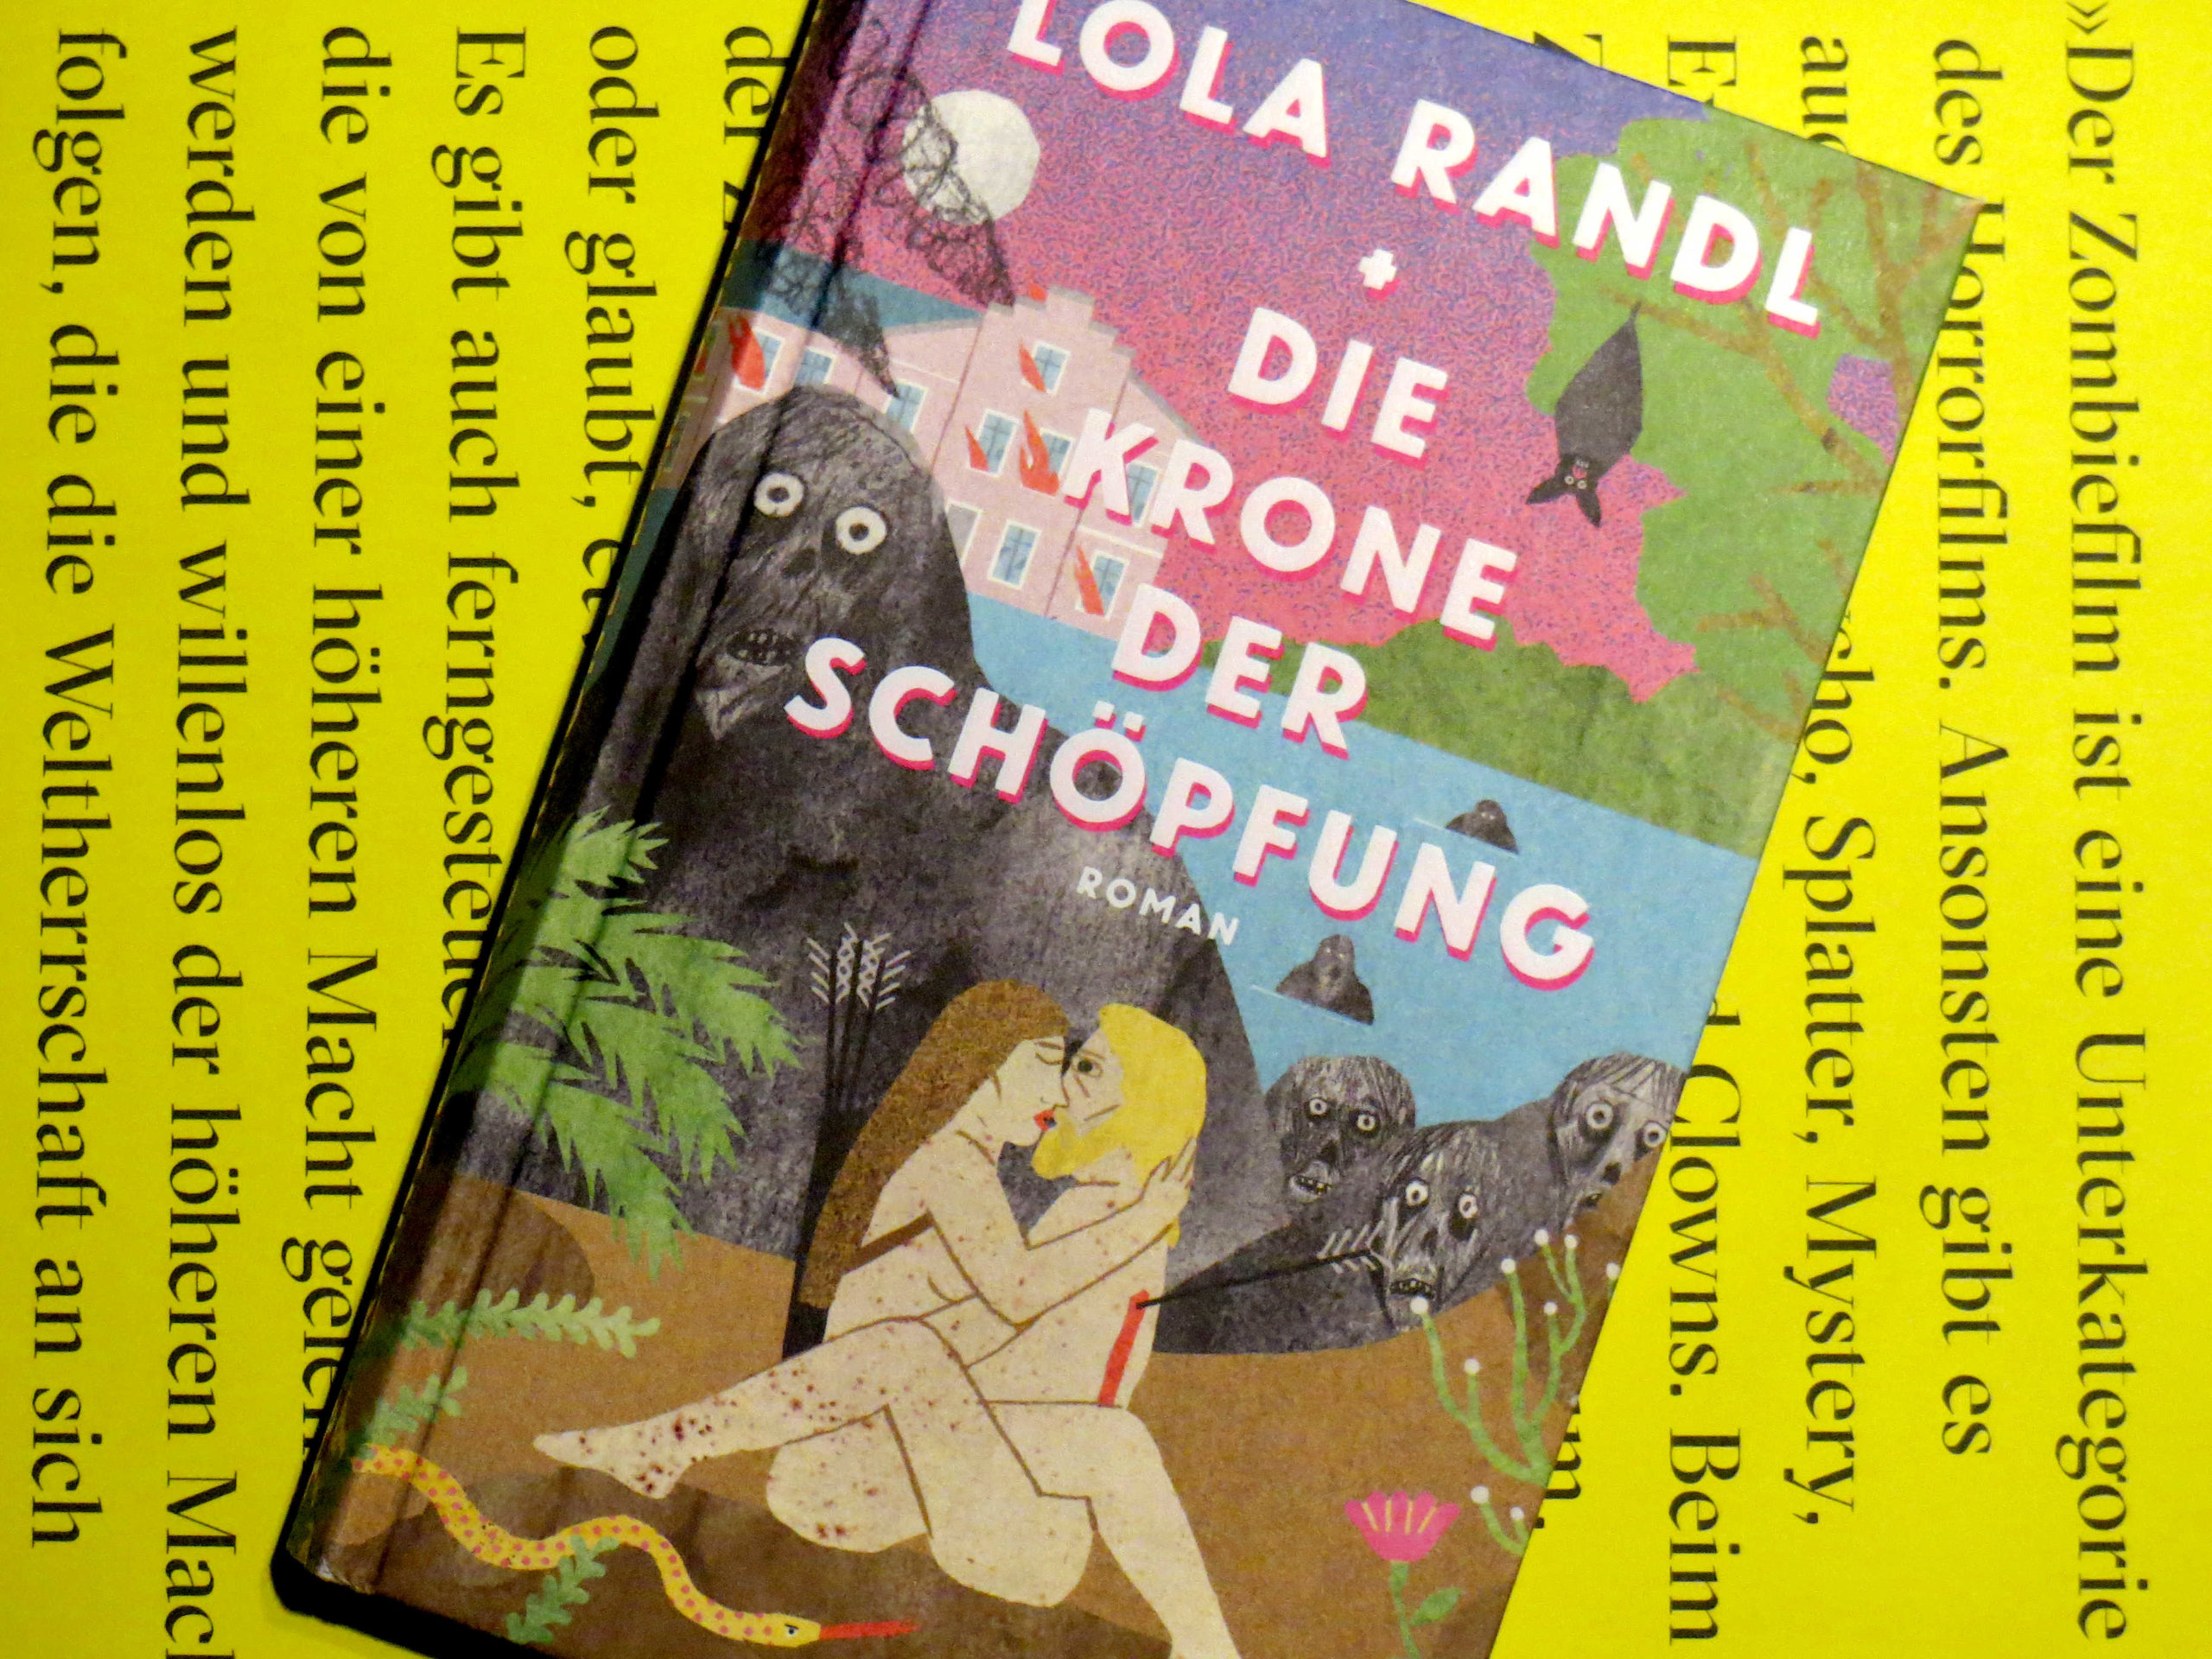 Lola Randl: Die Krone der Schöpfung